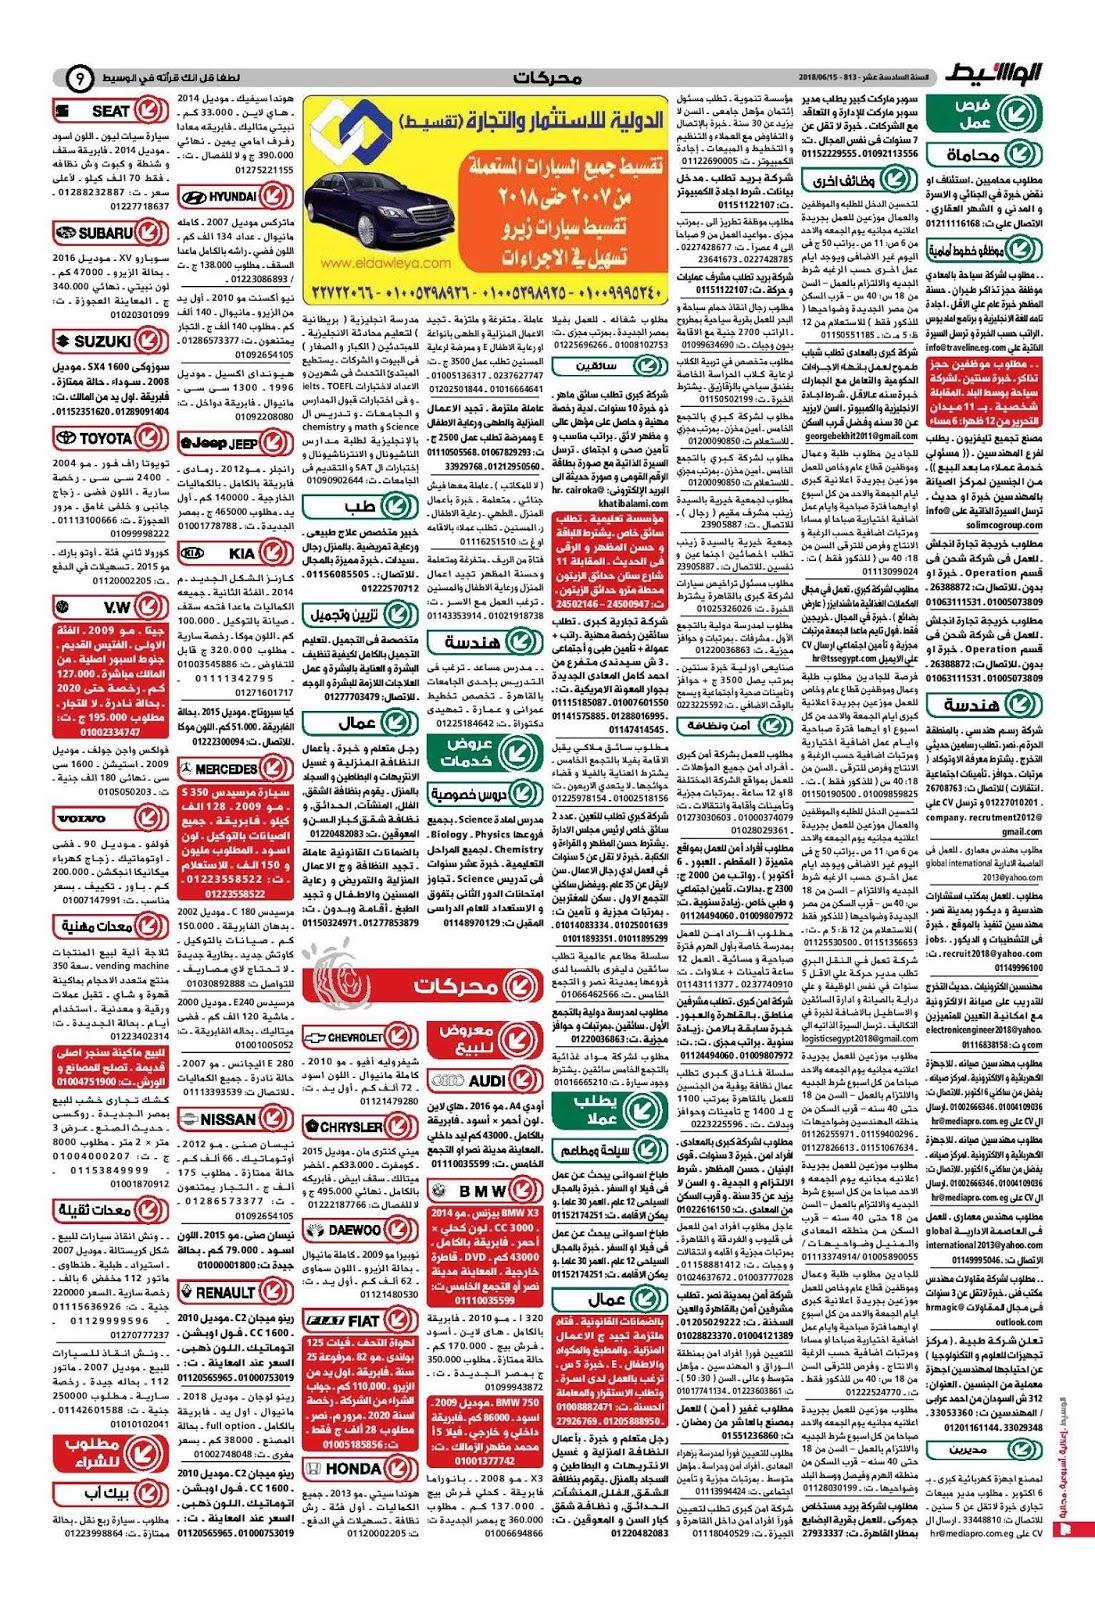 وظائف الوسيط مصر الجمعة 15 يونيو 2018 واعلانات الوسيط